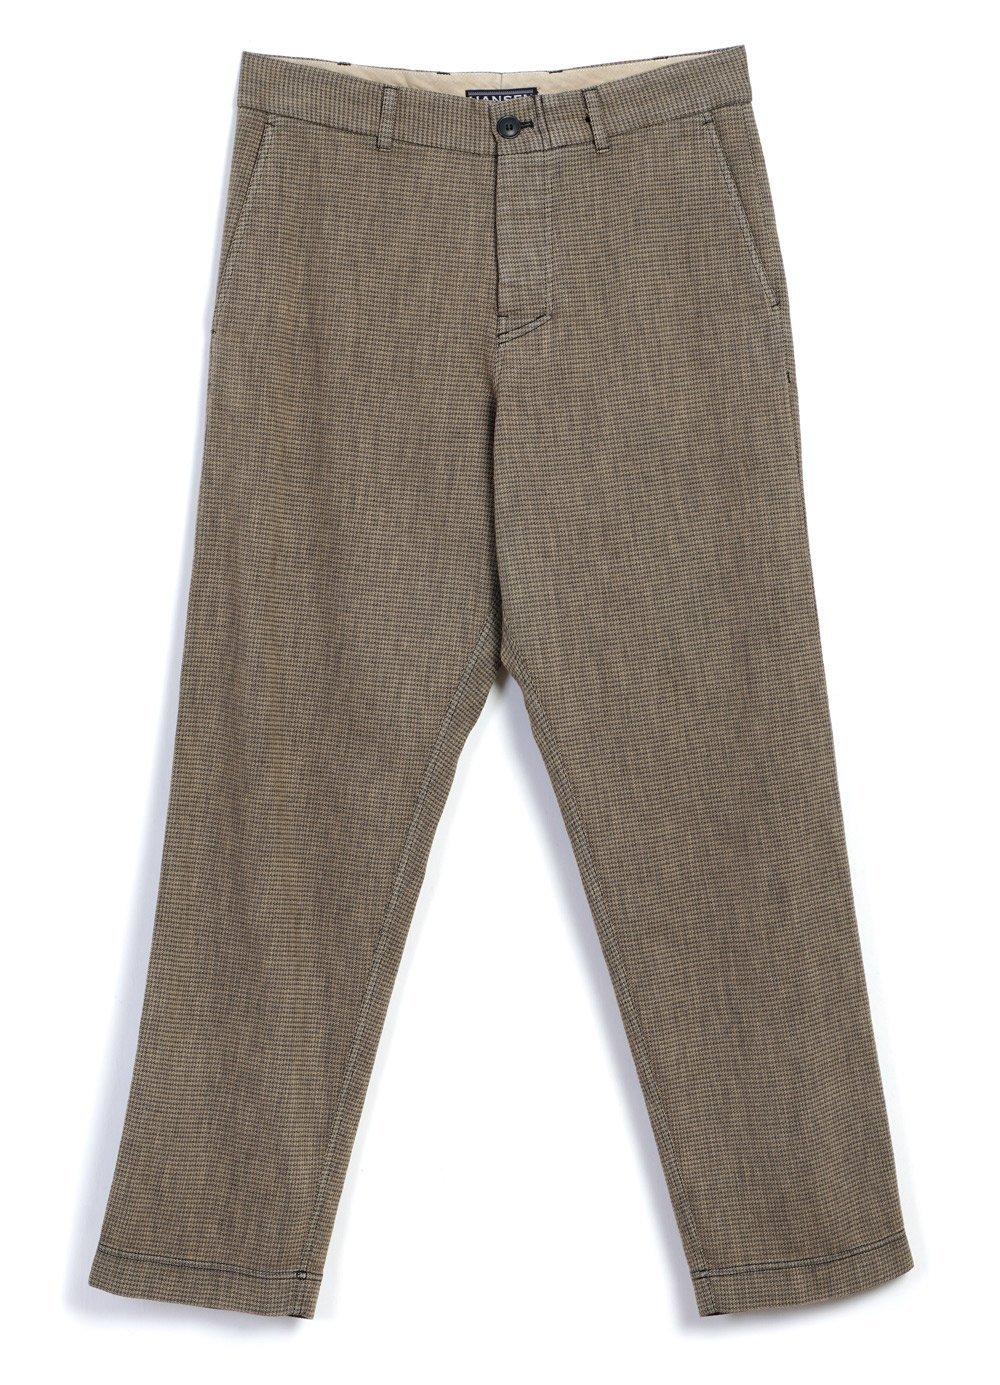 Hansen Garments KIAN | Wide Fit Trousers | Lion